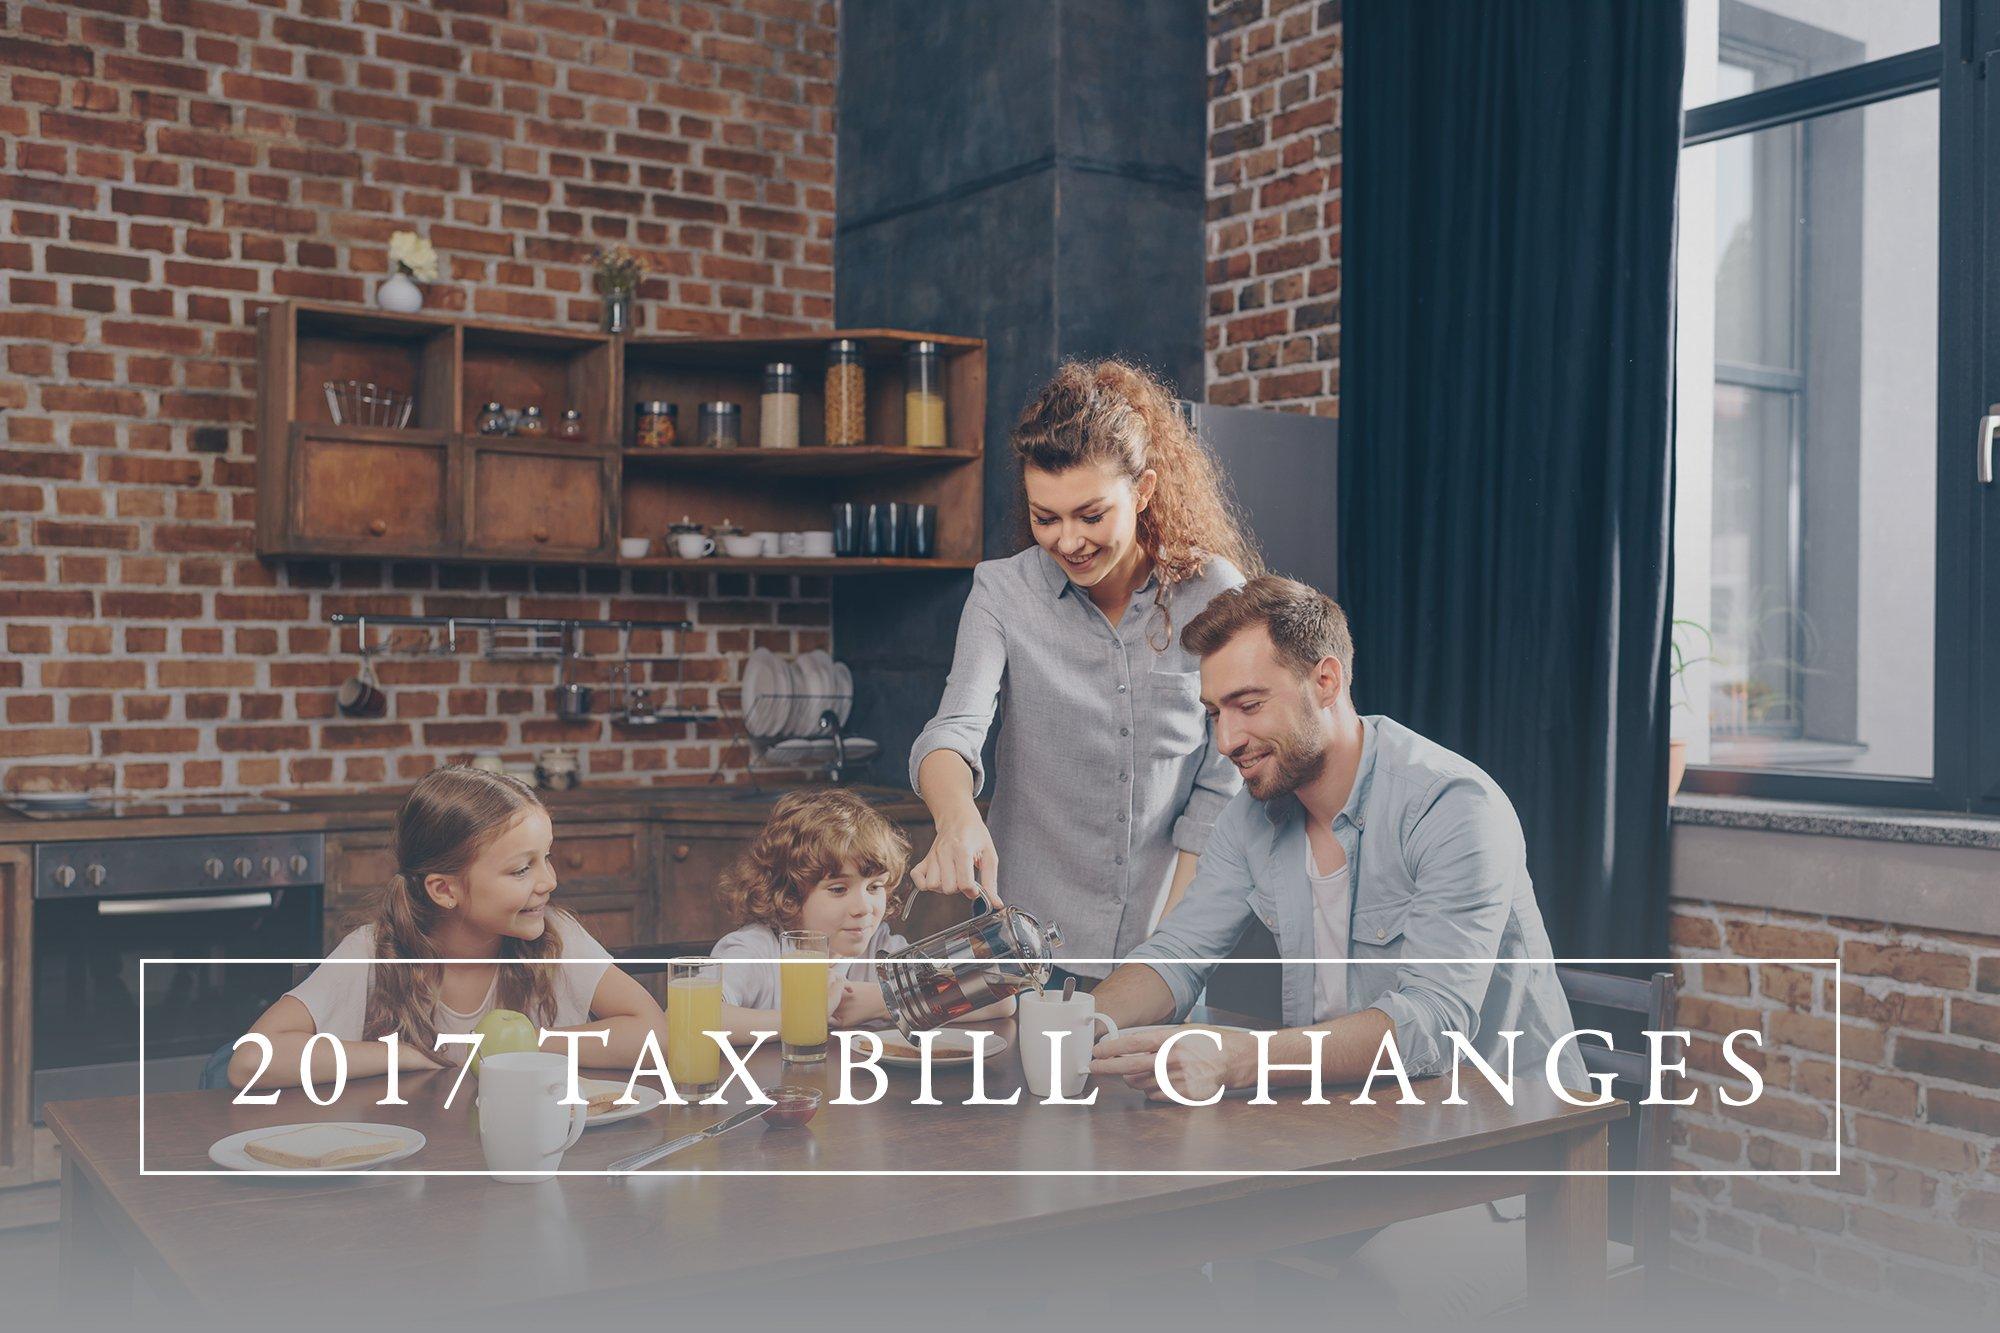 2017-tax-bill-changes